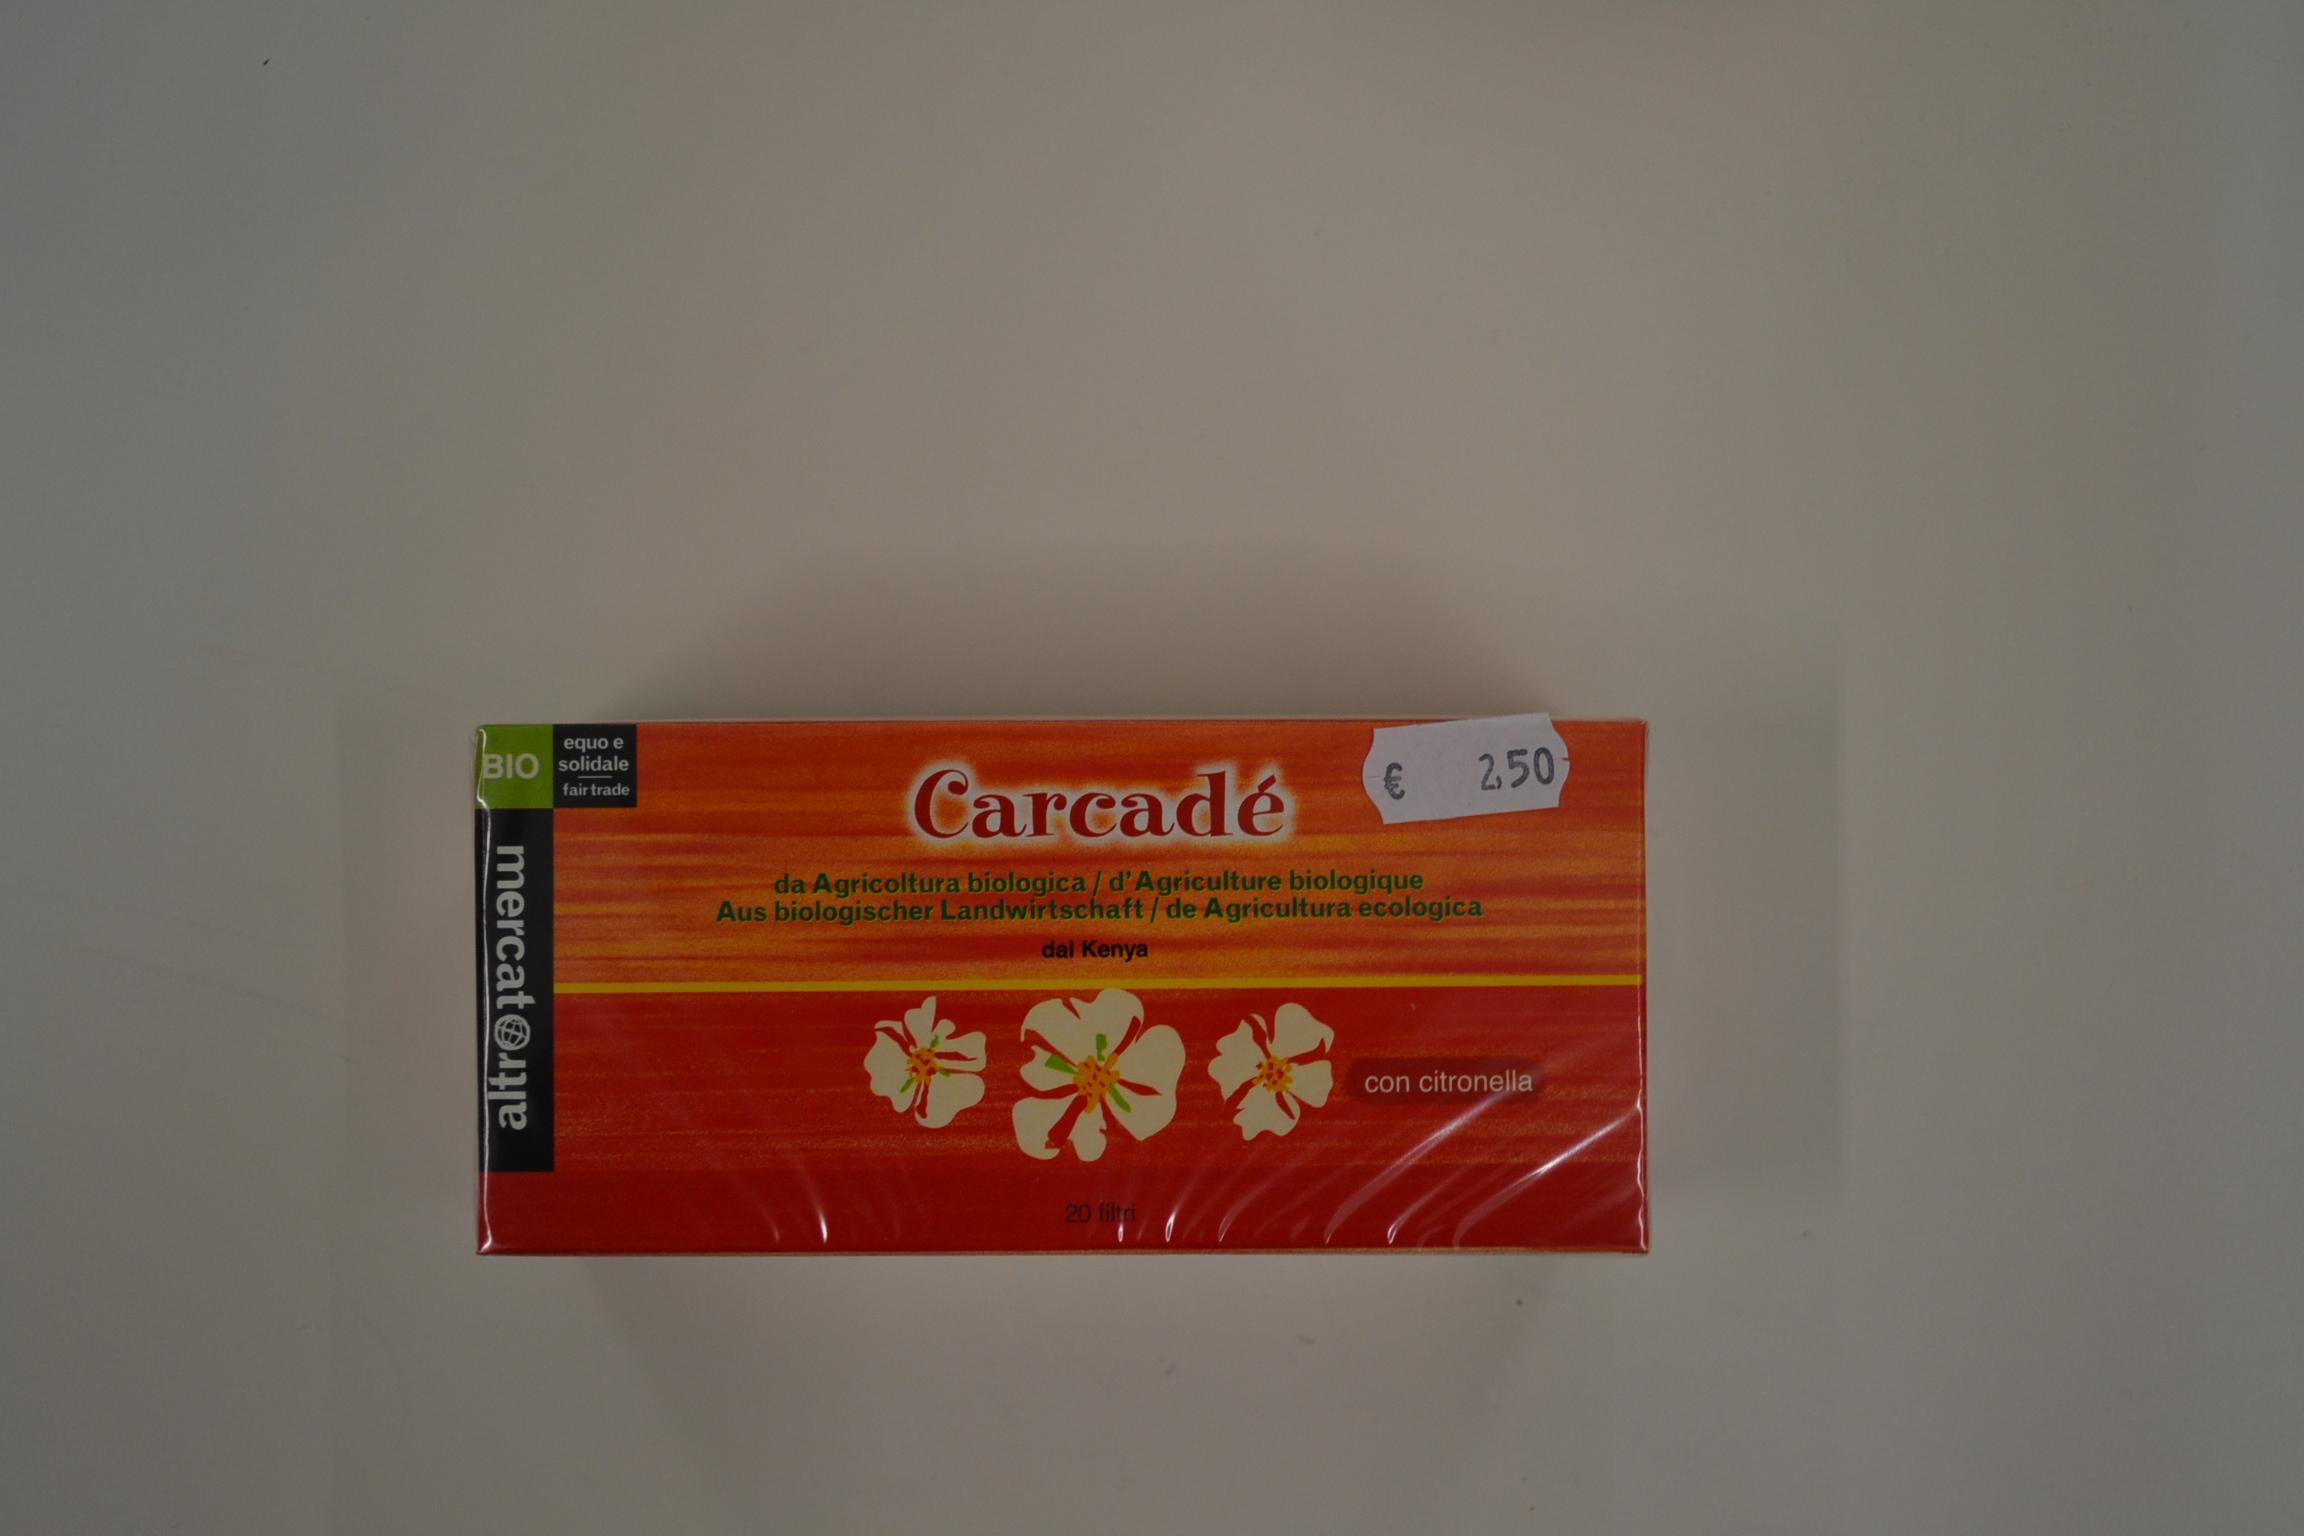 Carcadè ALTROMERCATO € 2,50